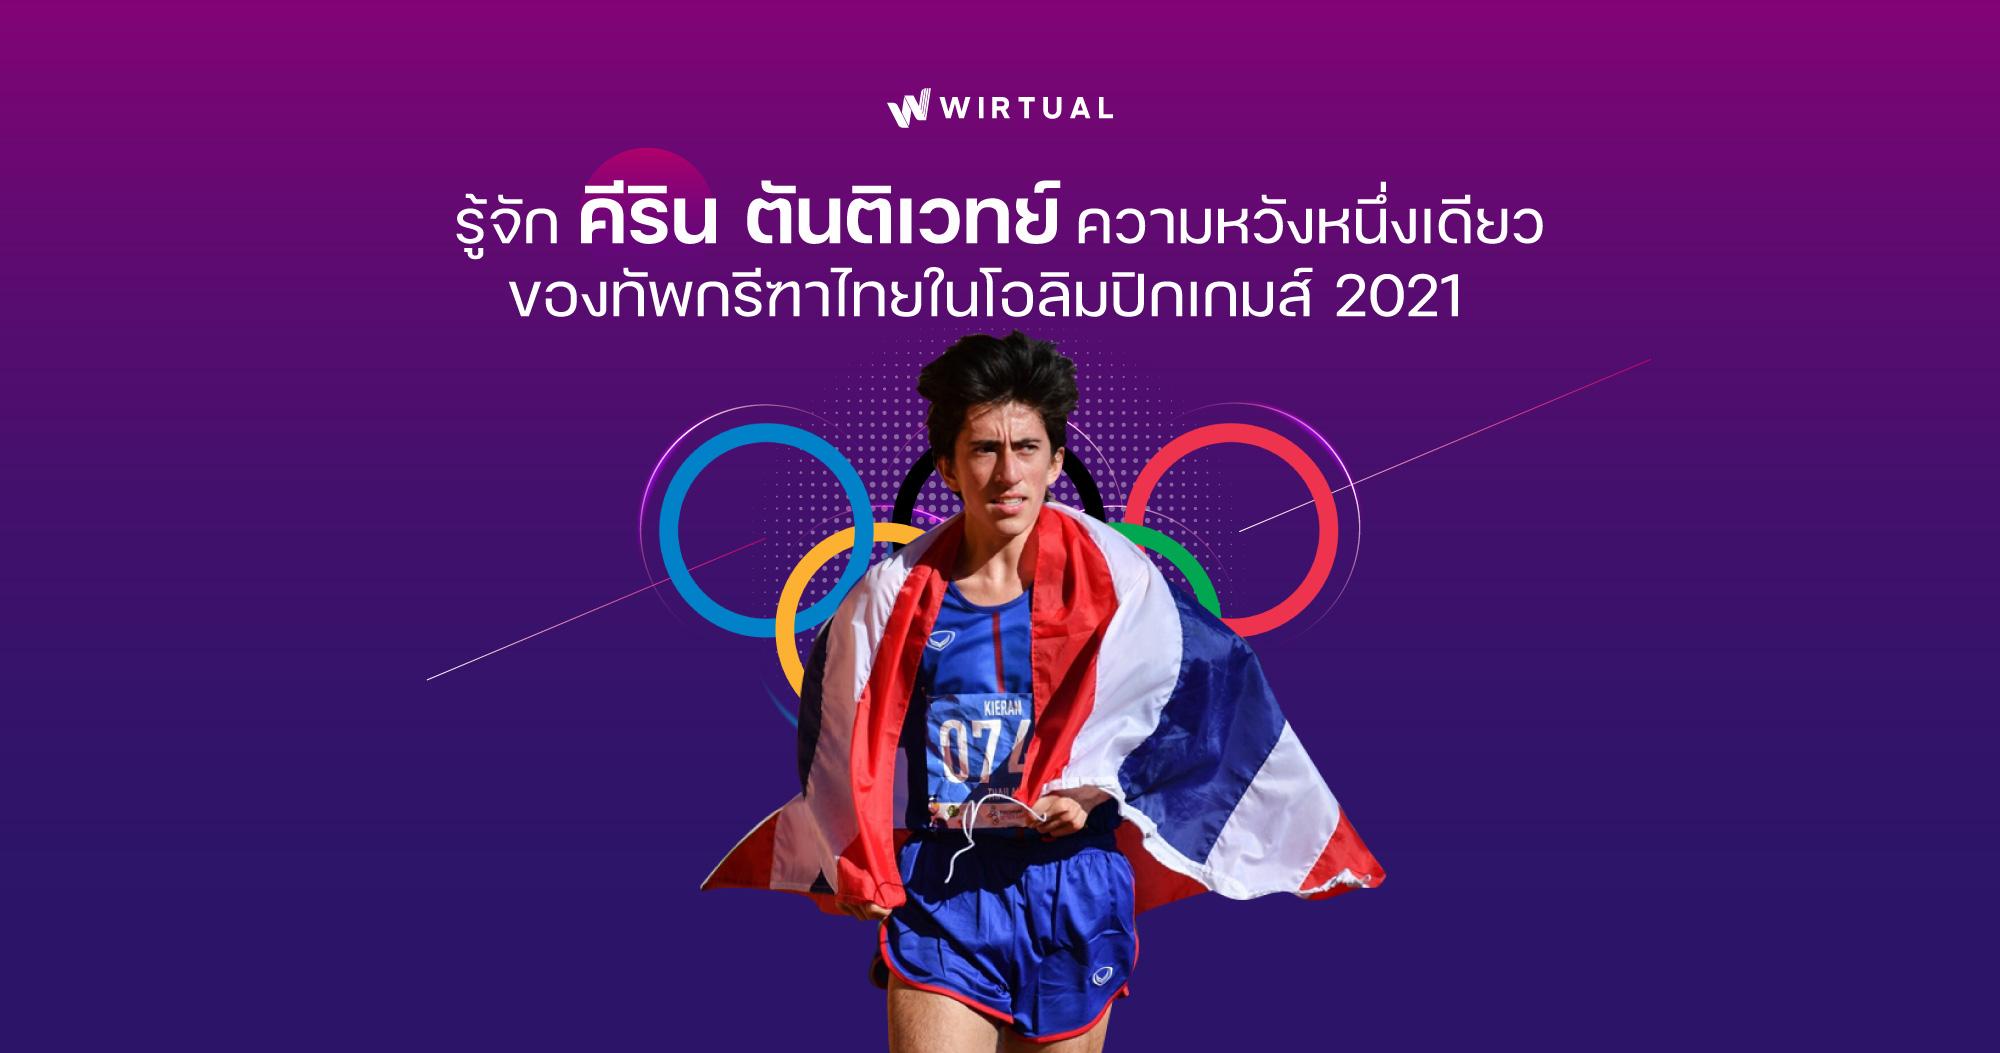 รู้จัก คีริน ตันติเวทย์  ความหวังหนึ่งเดียวของทัพกรีฑาไทยในโอลิมปิกเกมส์ 2021